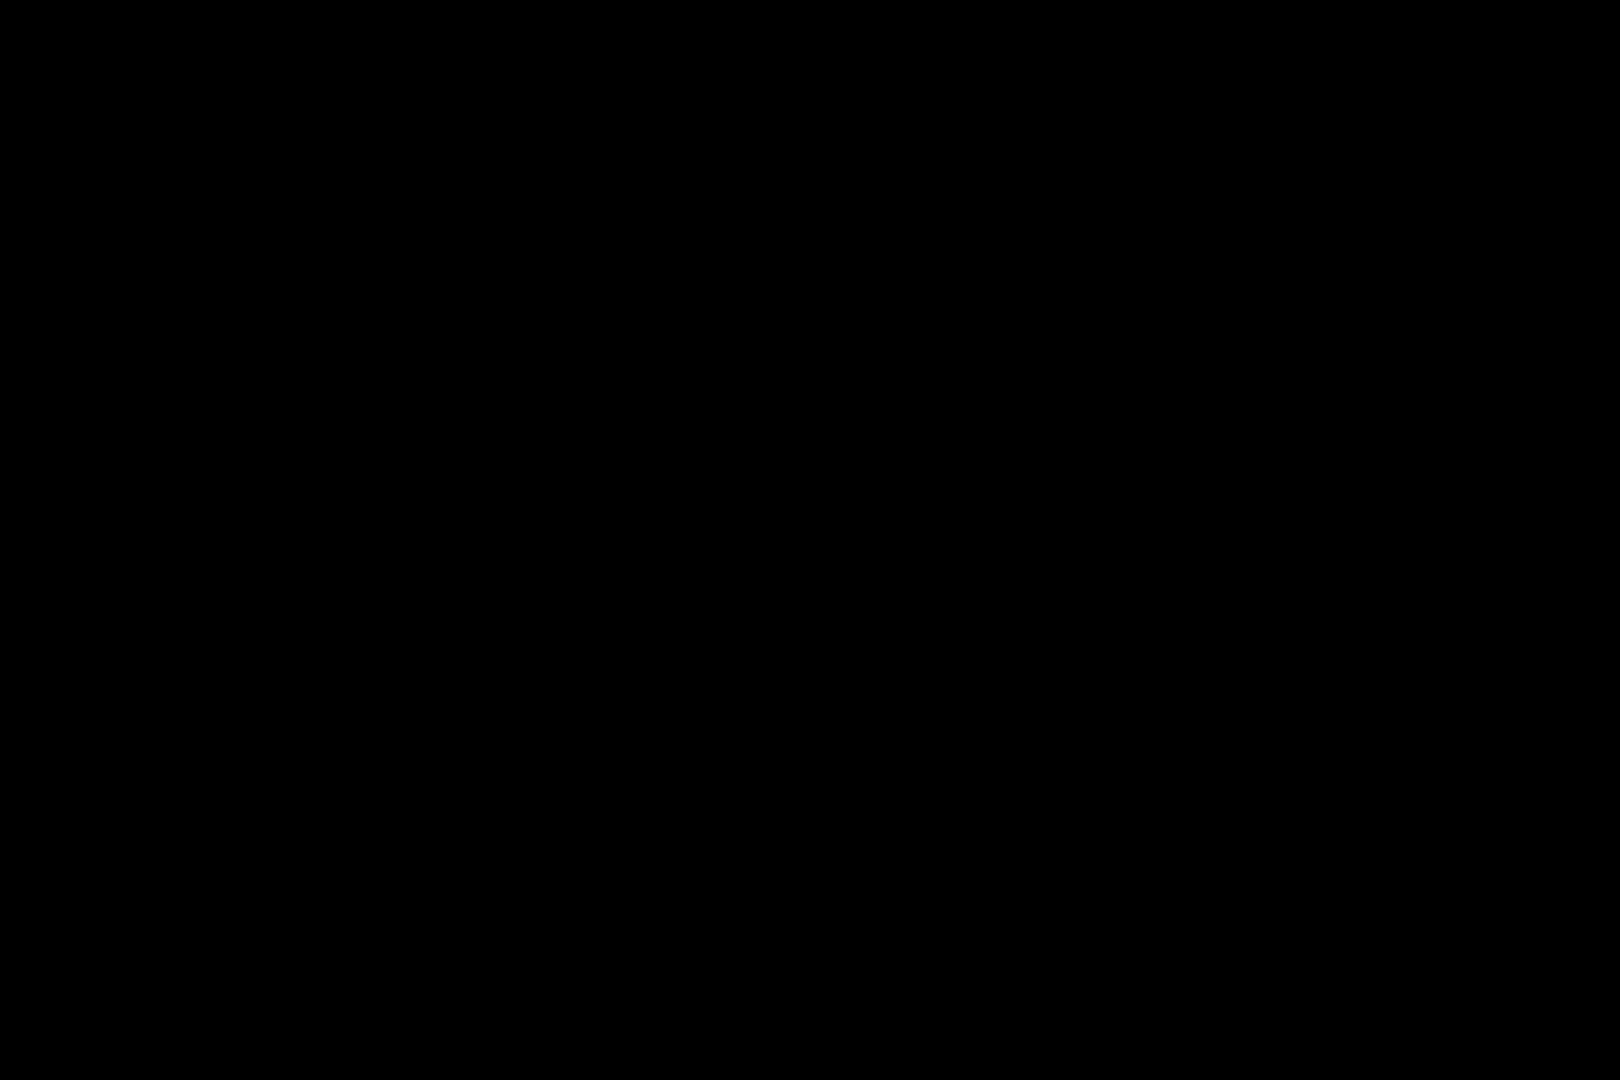 充血監督の深夜の運動会Vol.102 爆乳 盗撮AV動画キャプチャ 95PICs 83